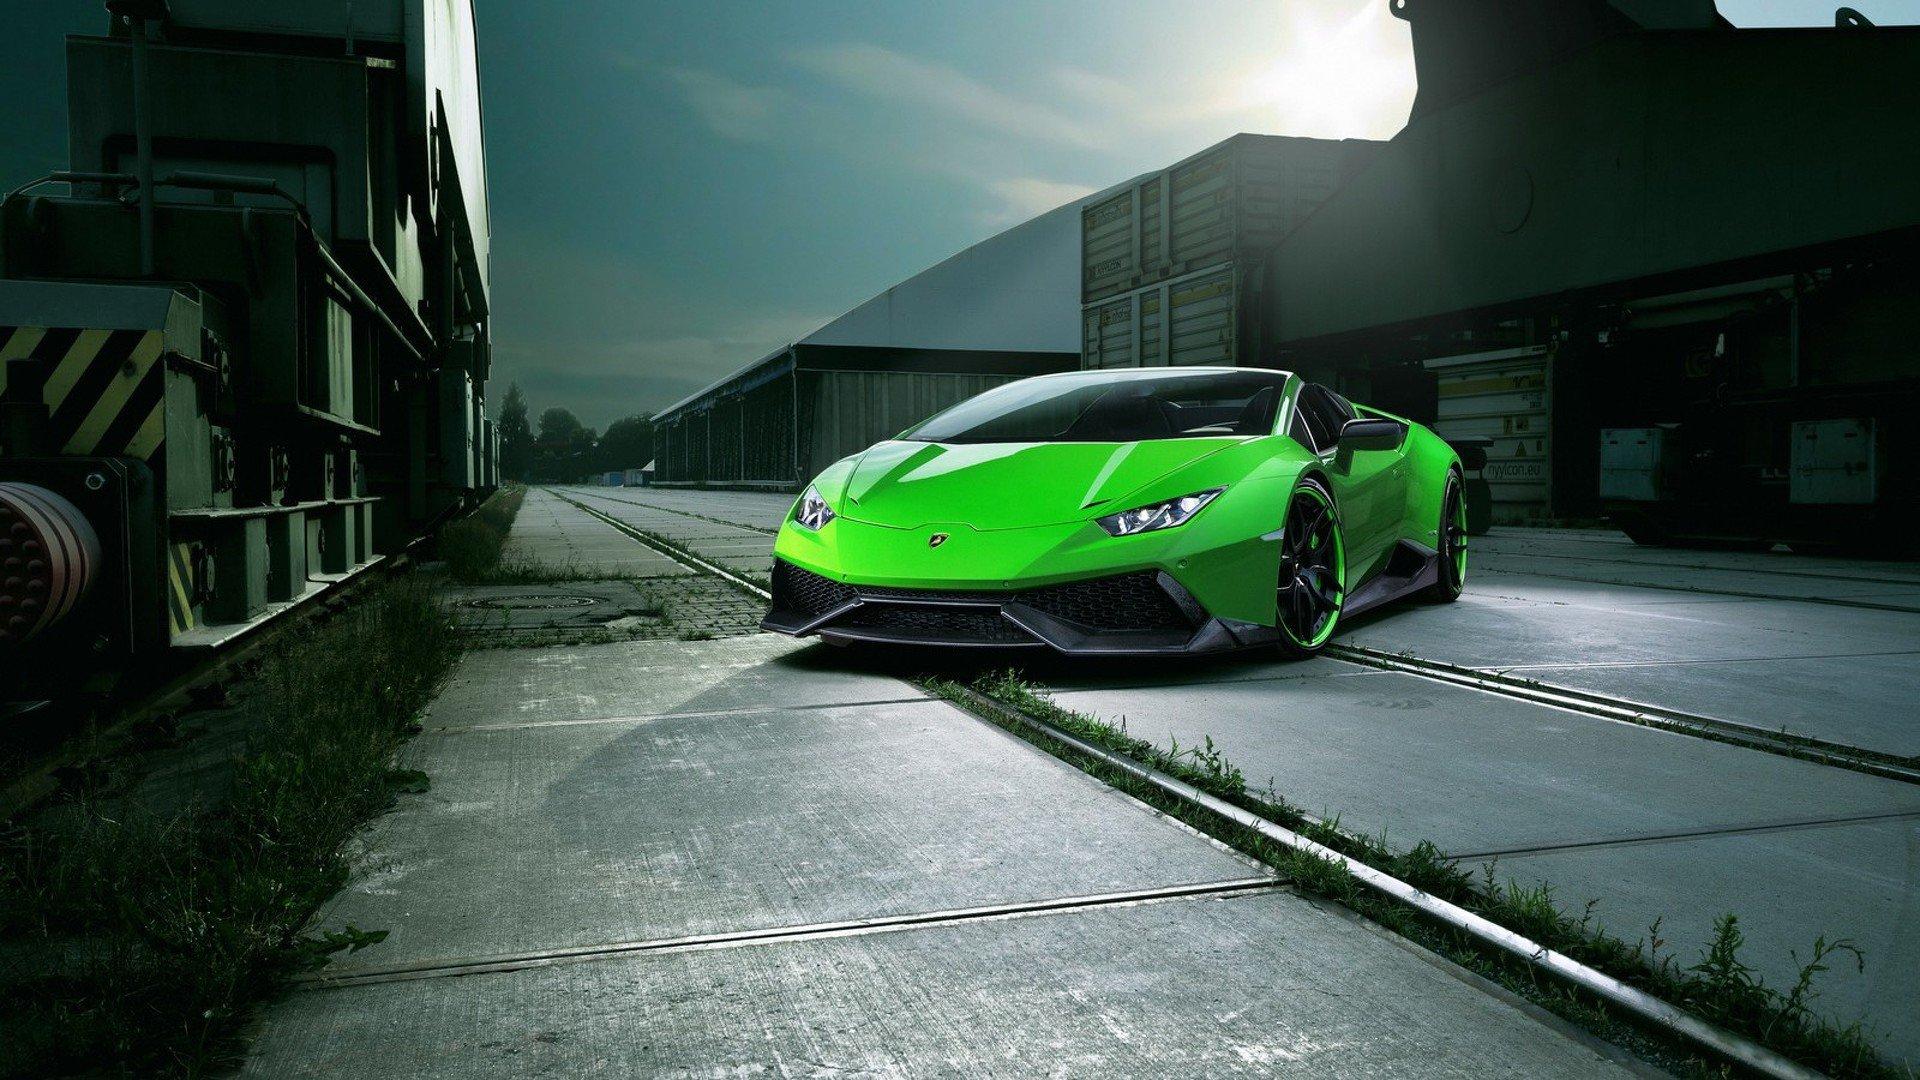 Hình nền Lamborghini Huracan bản màu xanh lá